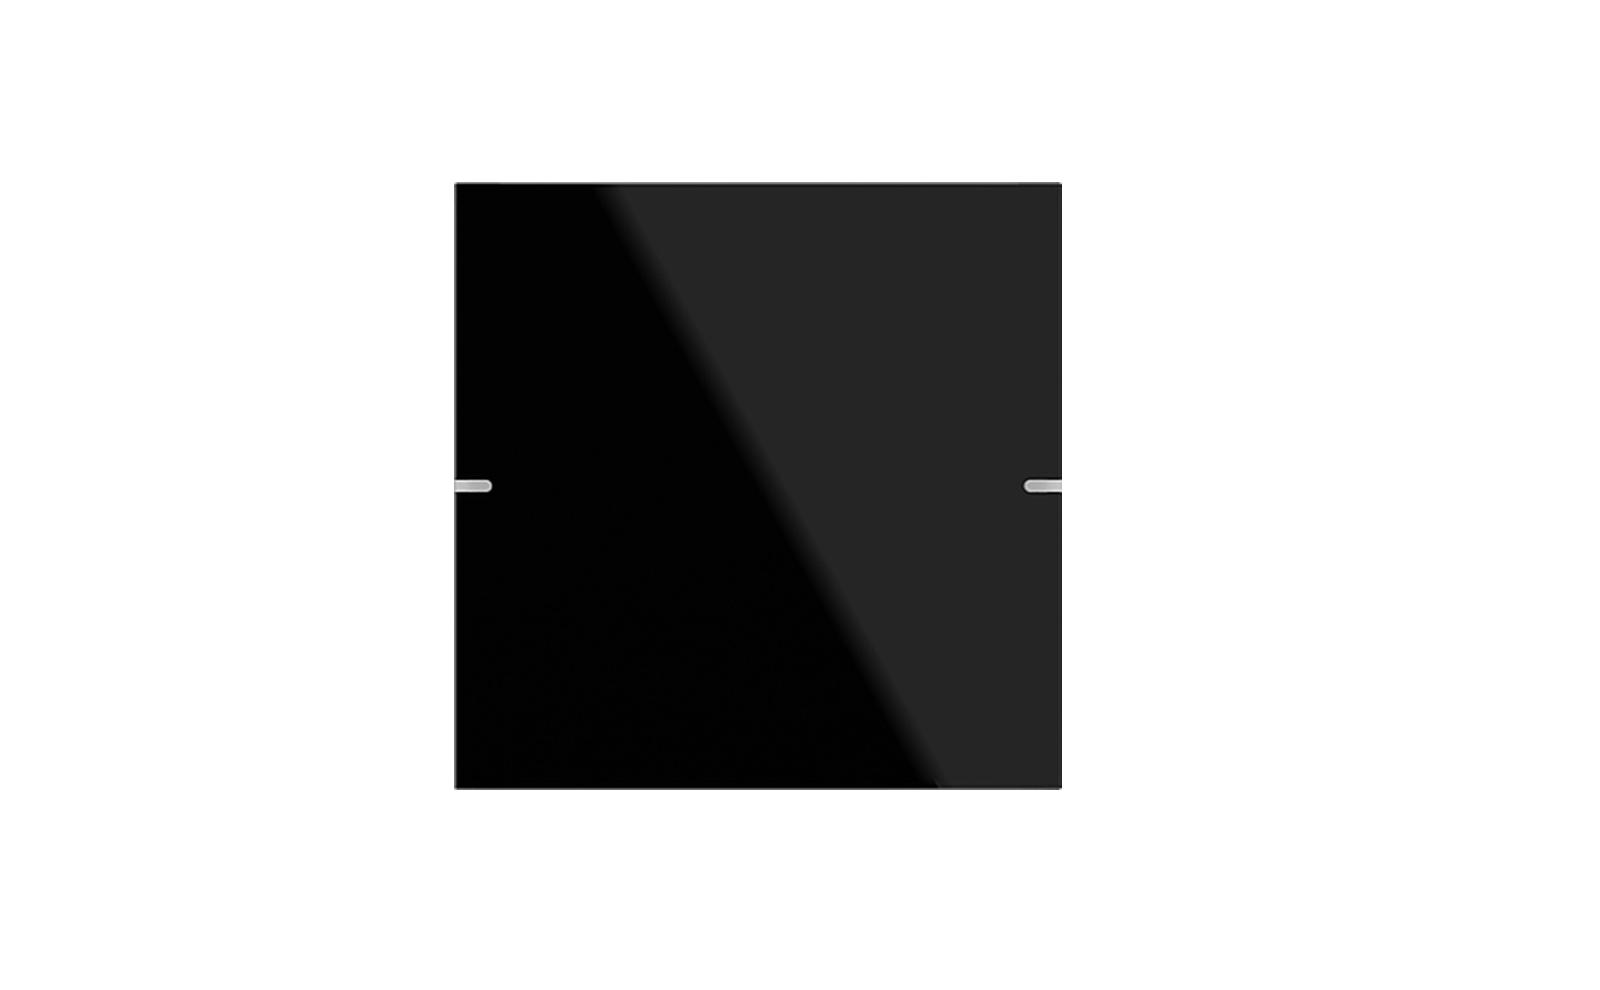 Gira Tastsensor 4 mit Wippenset 1fach in Glas Schwarz